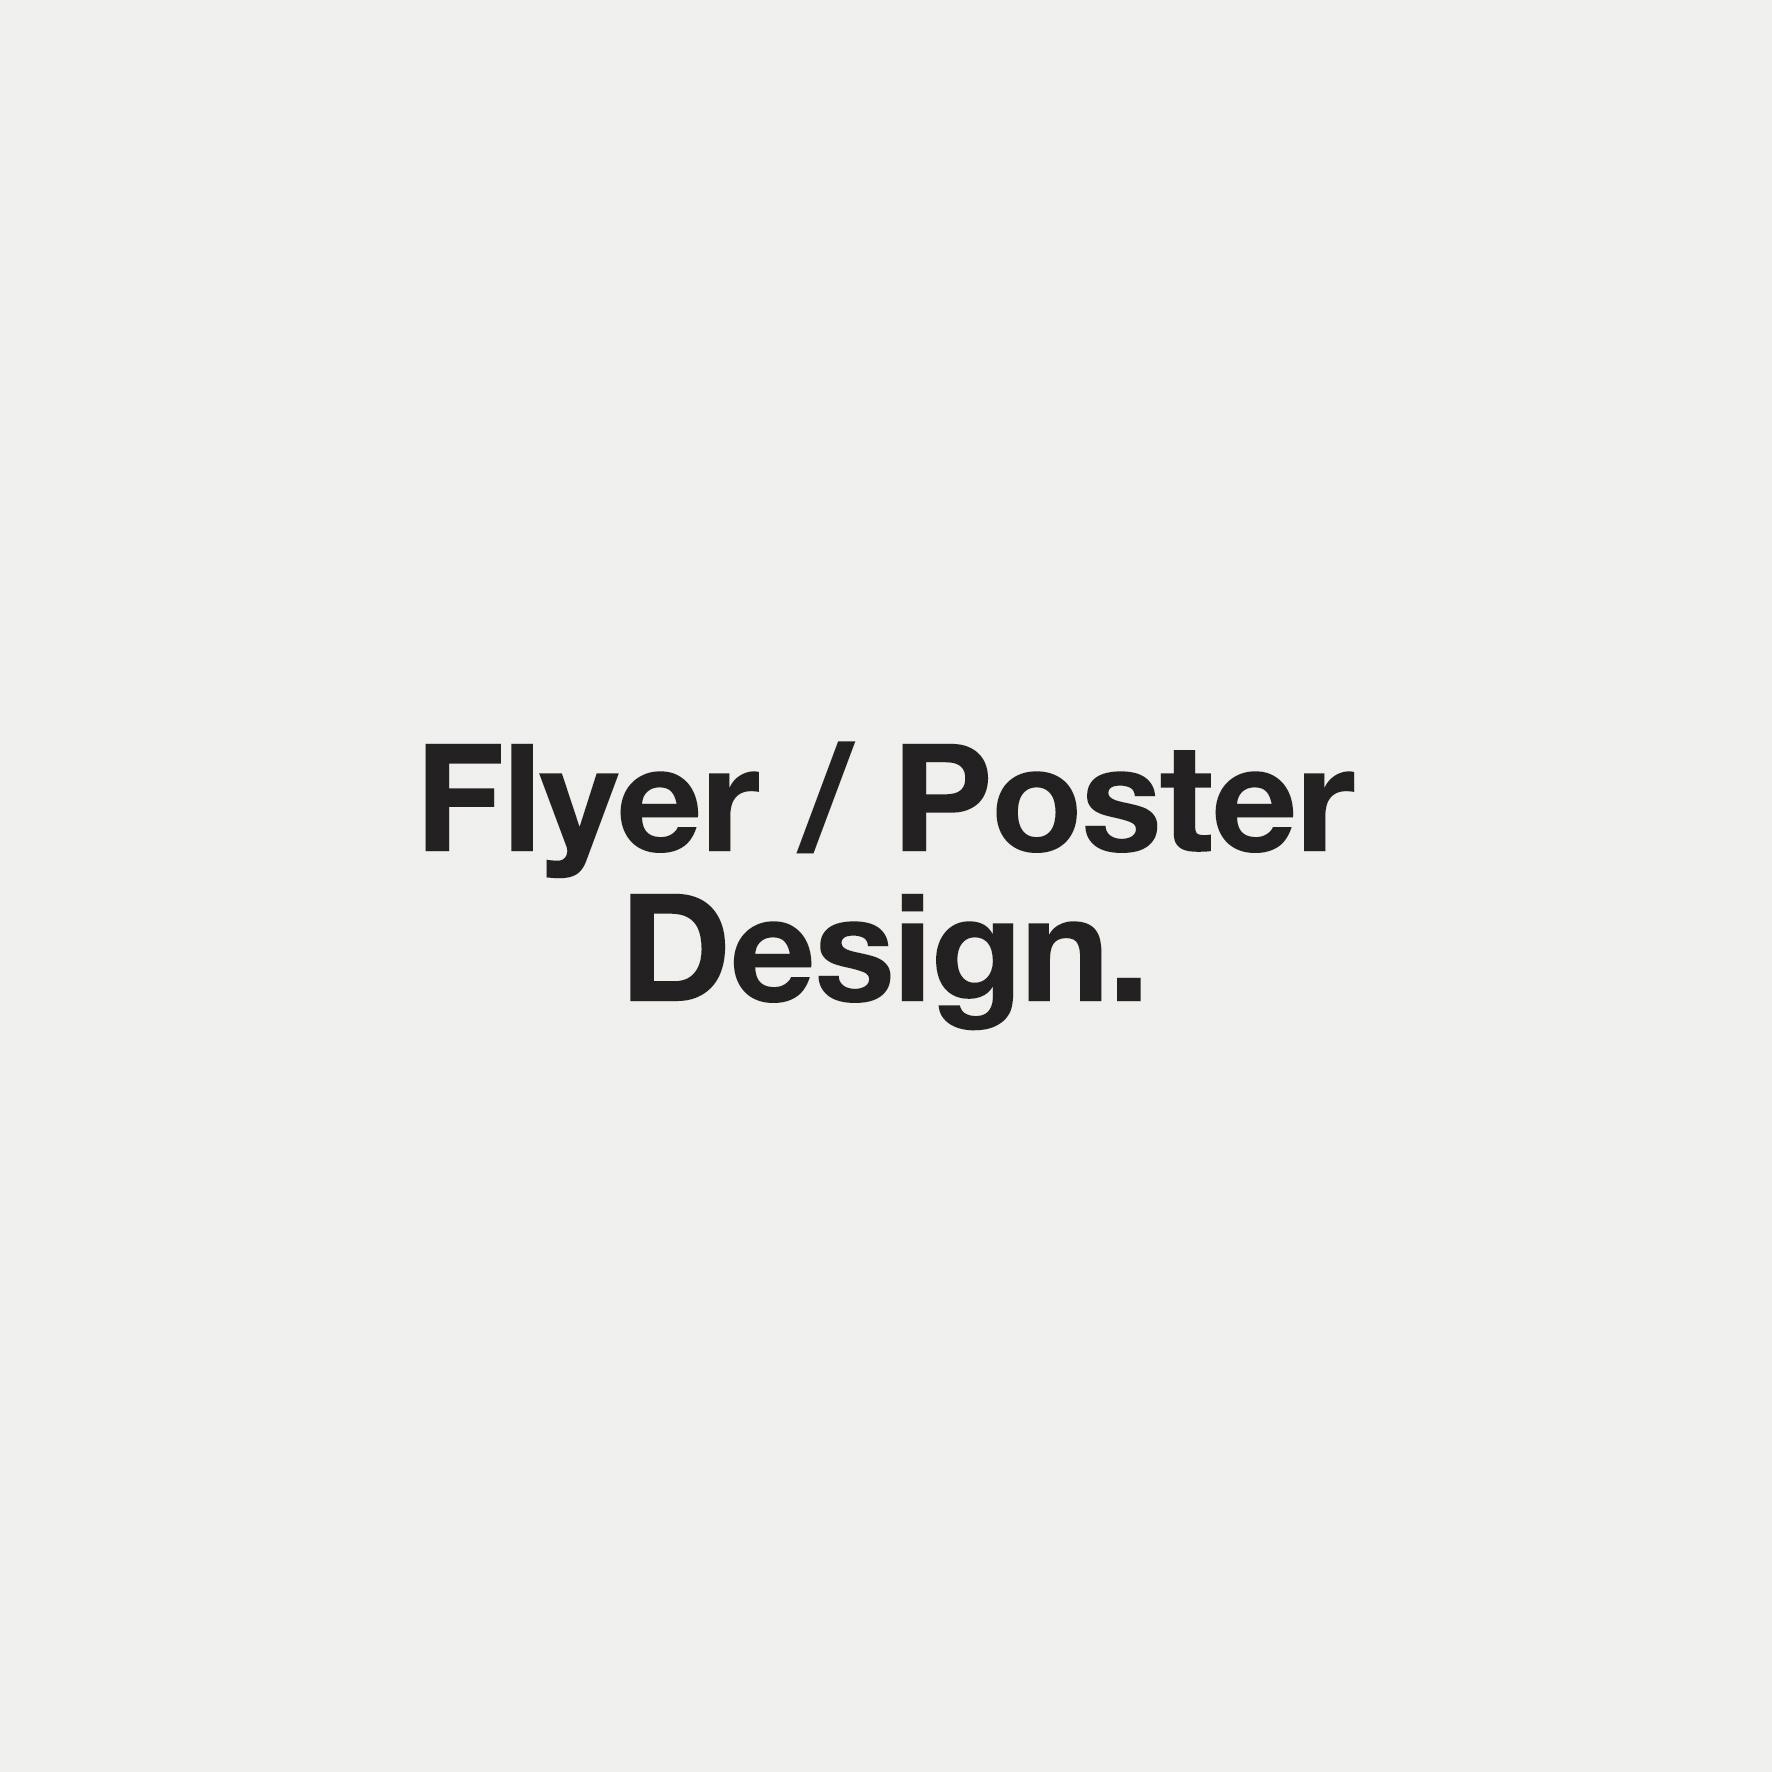 Design - Flyer Poster Thumbnail.jpg